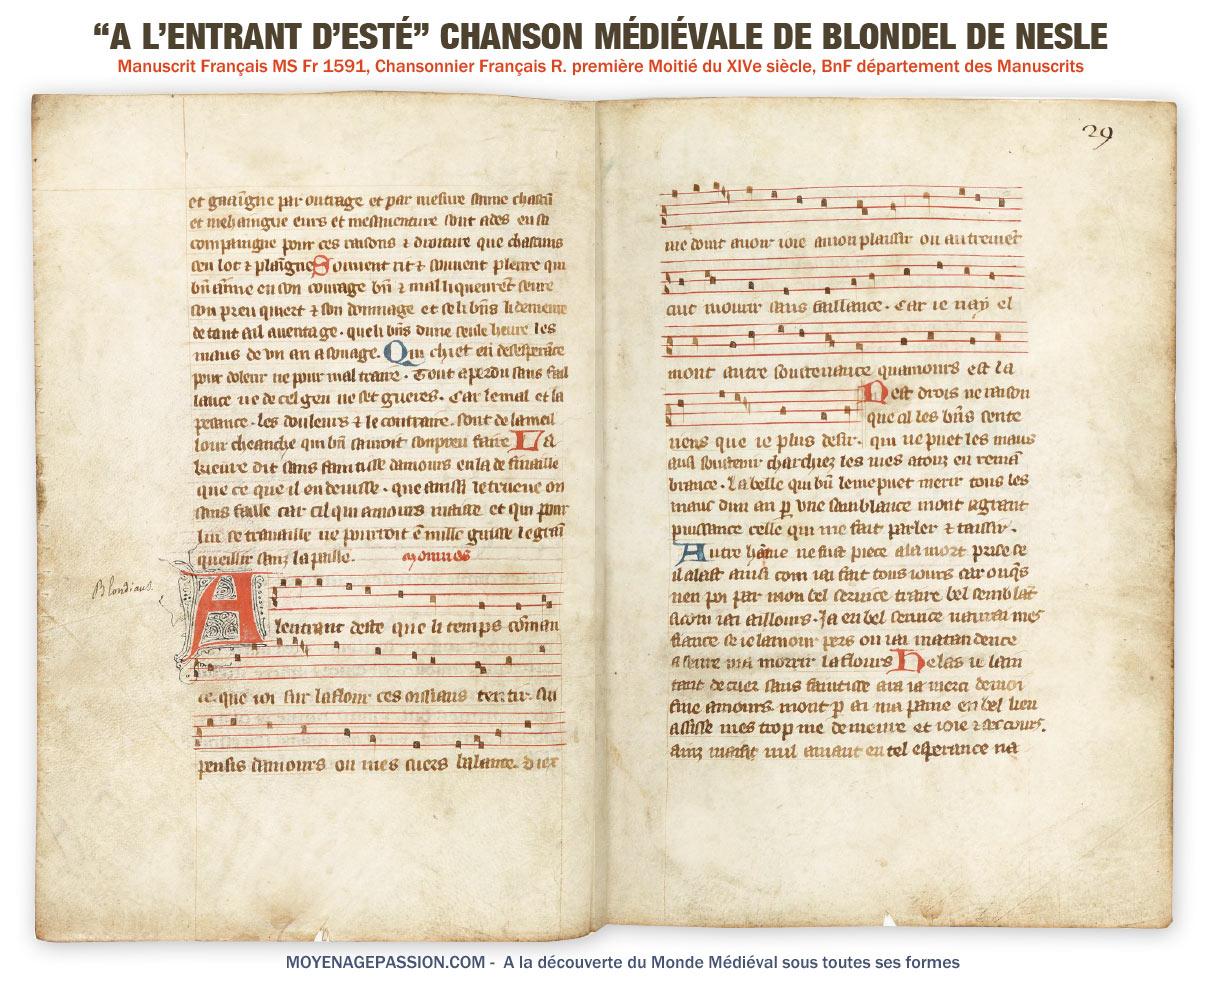 blondel_de_nesle_musique_chanson_medievale_amour_courtois_manuscrit_ancien_francais_1591_chansonnier_moyen-age